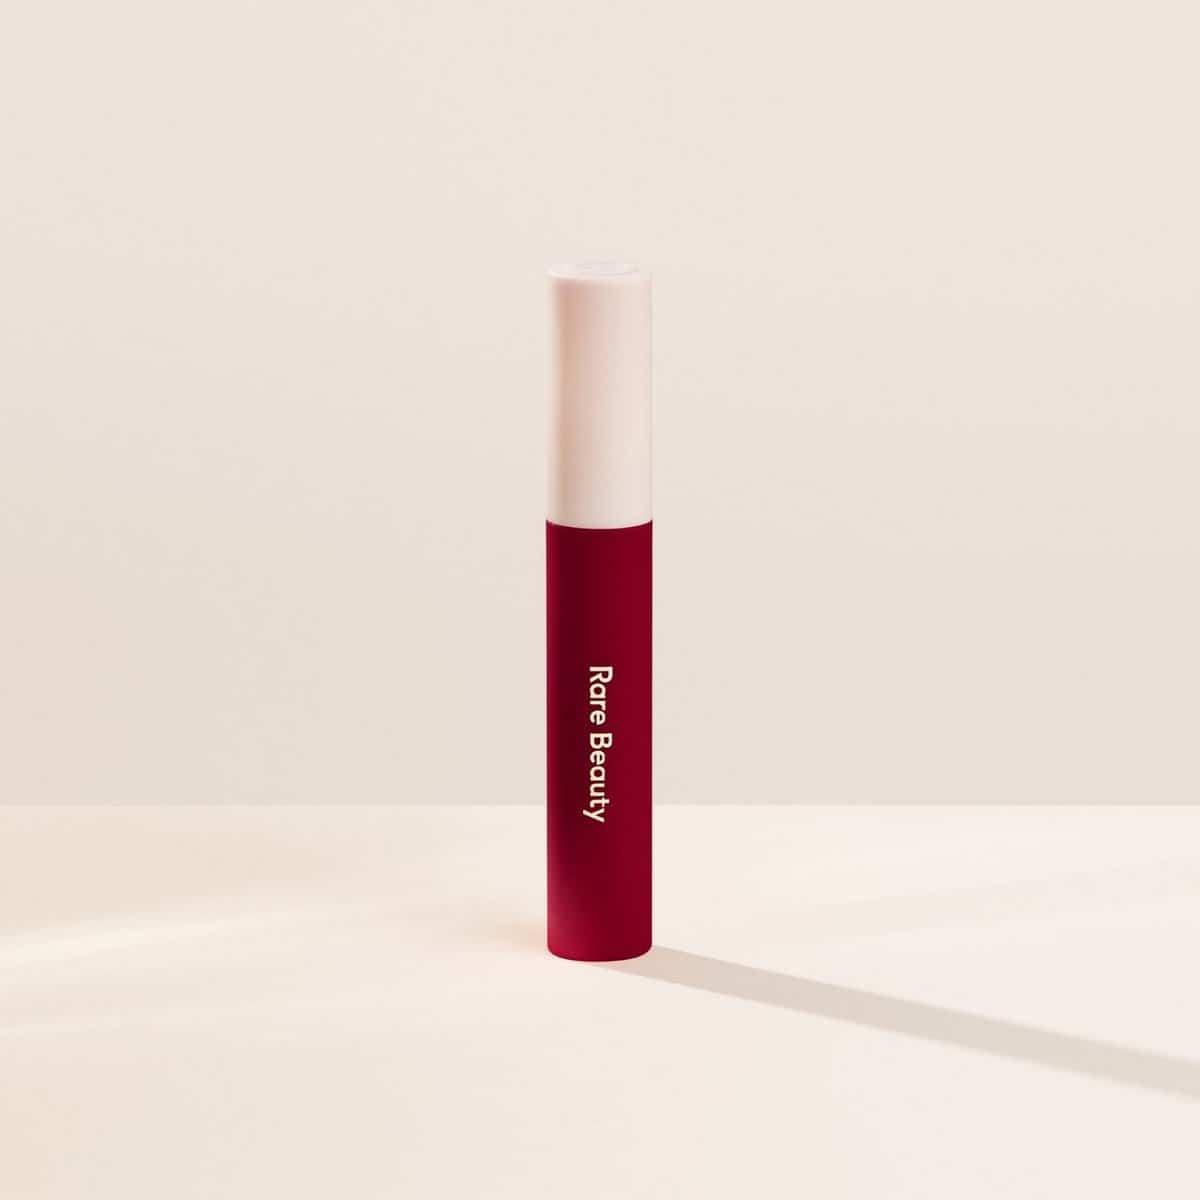 Rare Beauty Lip Souffle Matte Lip Cream